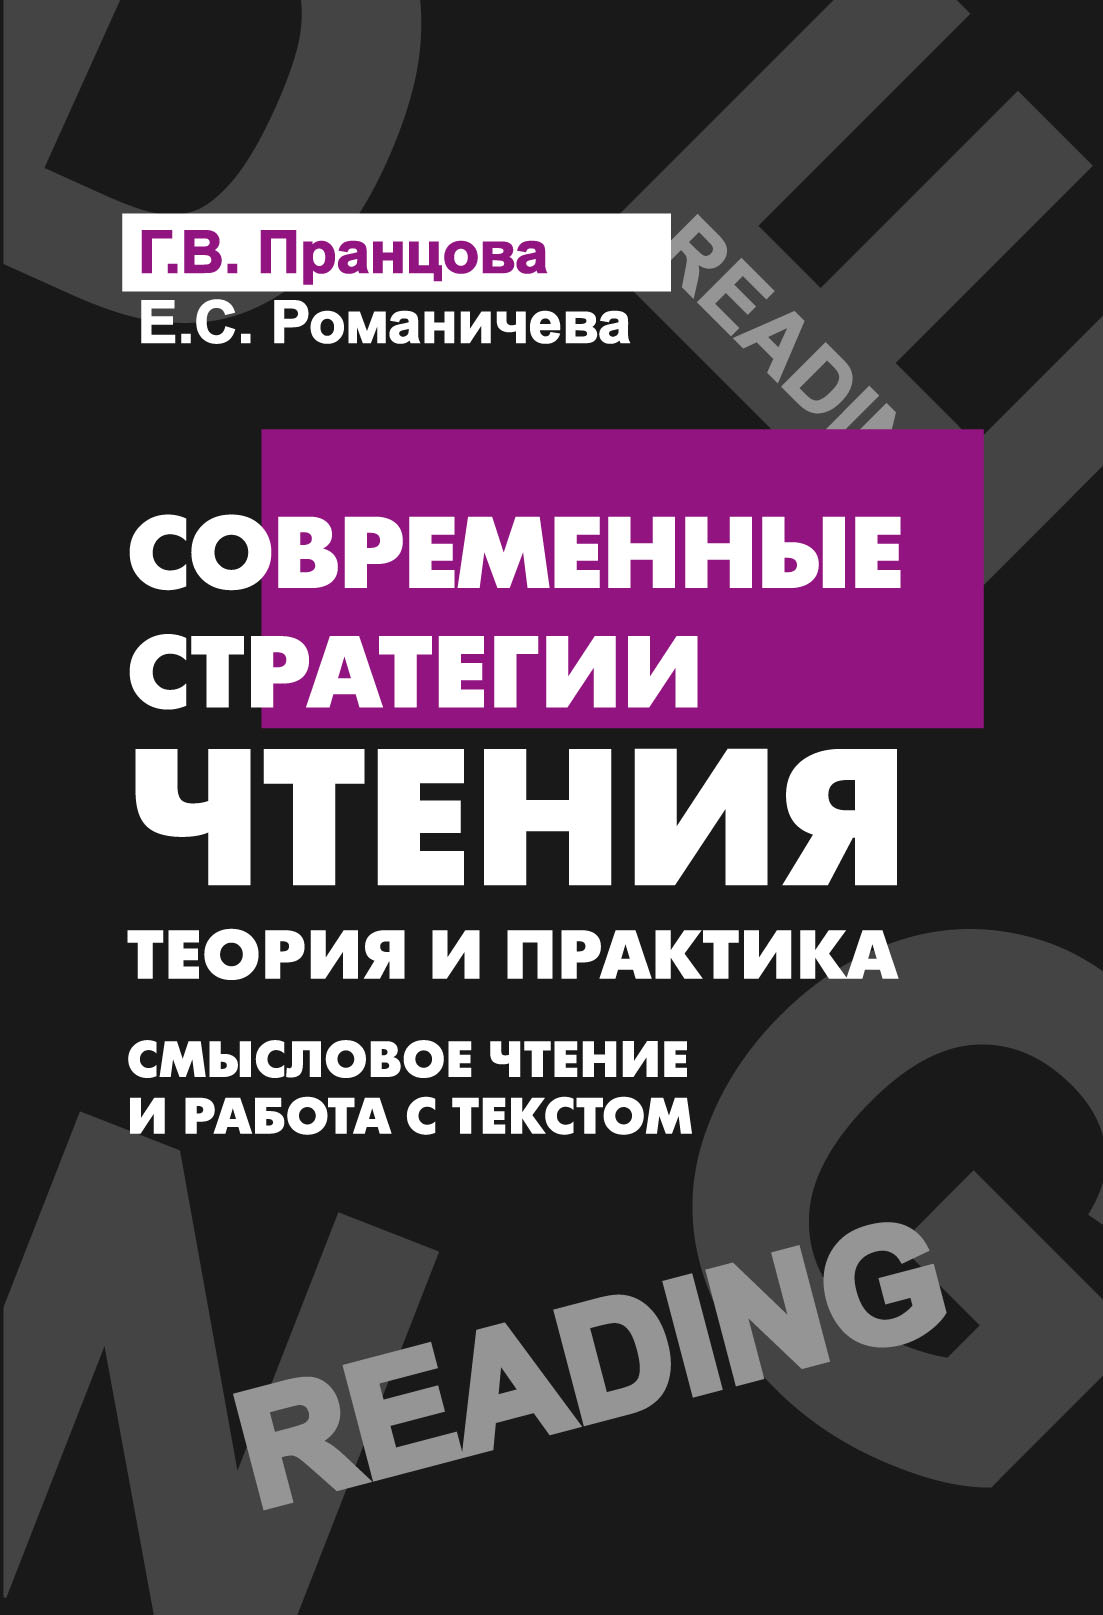 Современные стратегии чтения. Смысловое чтение и работа с текстом